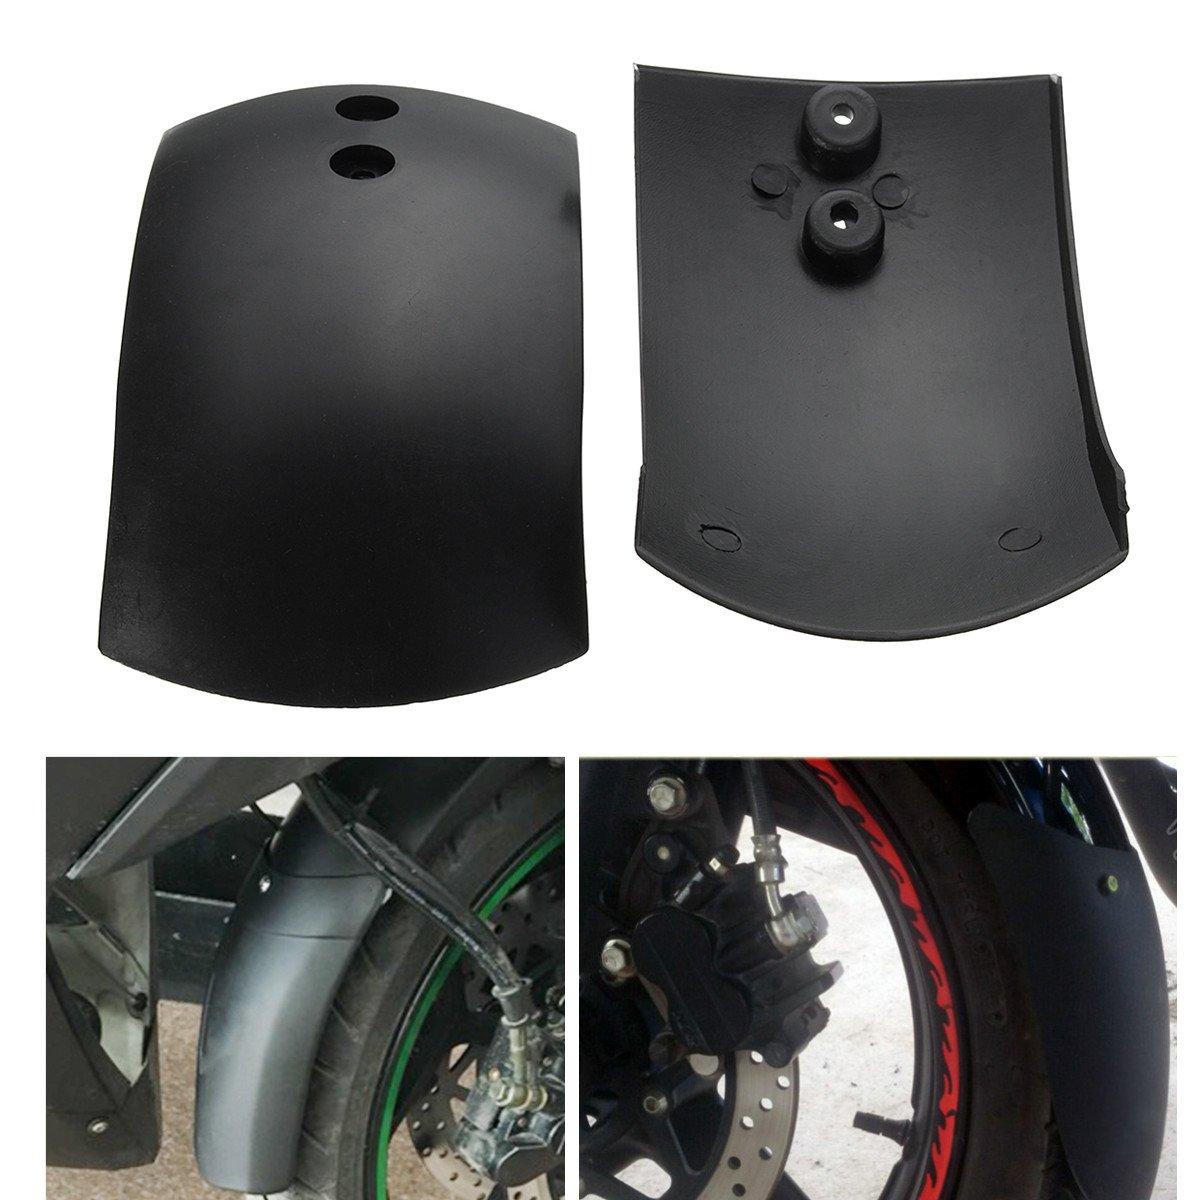 GOZAR Pare-Boue Avant Arriè re Protè ge-Ailes pour 43Cc 47Cc 49Cc Mini Quad Dirt Bike VTT